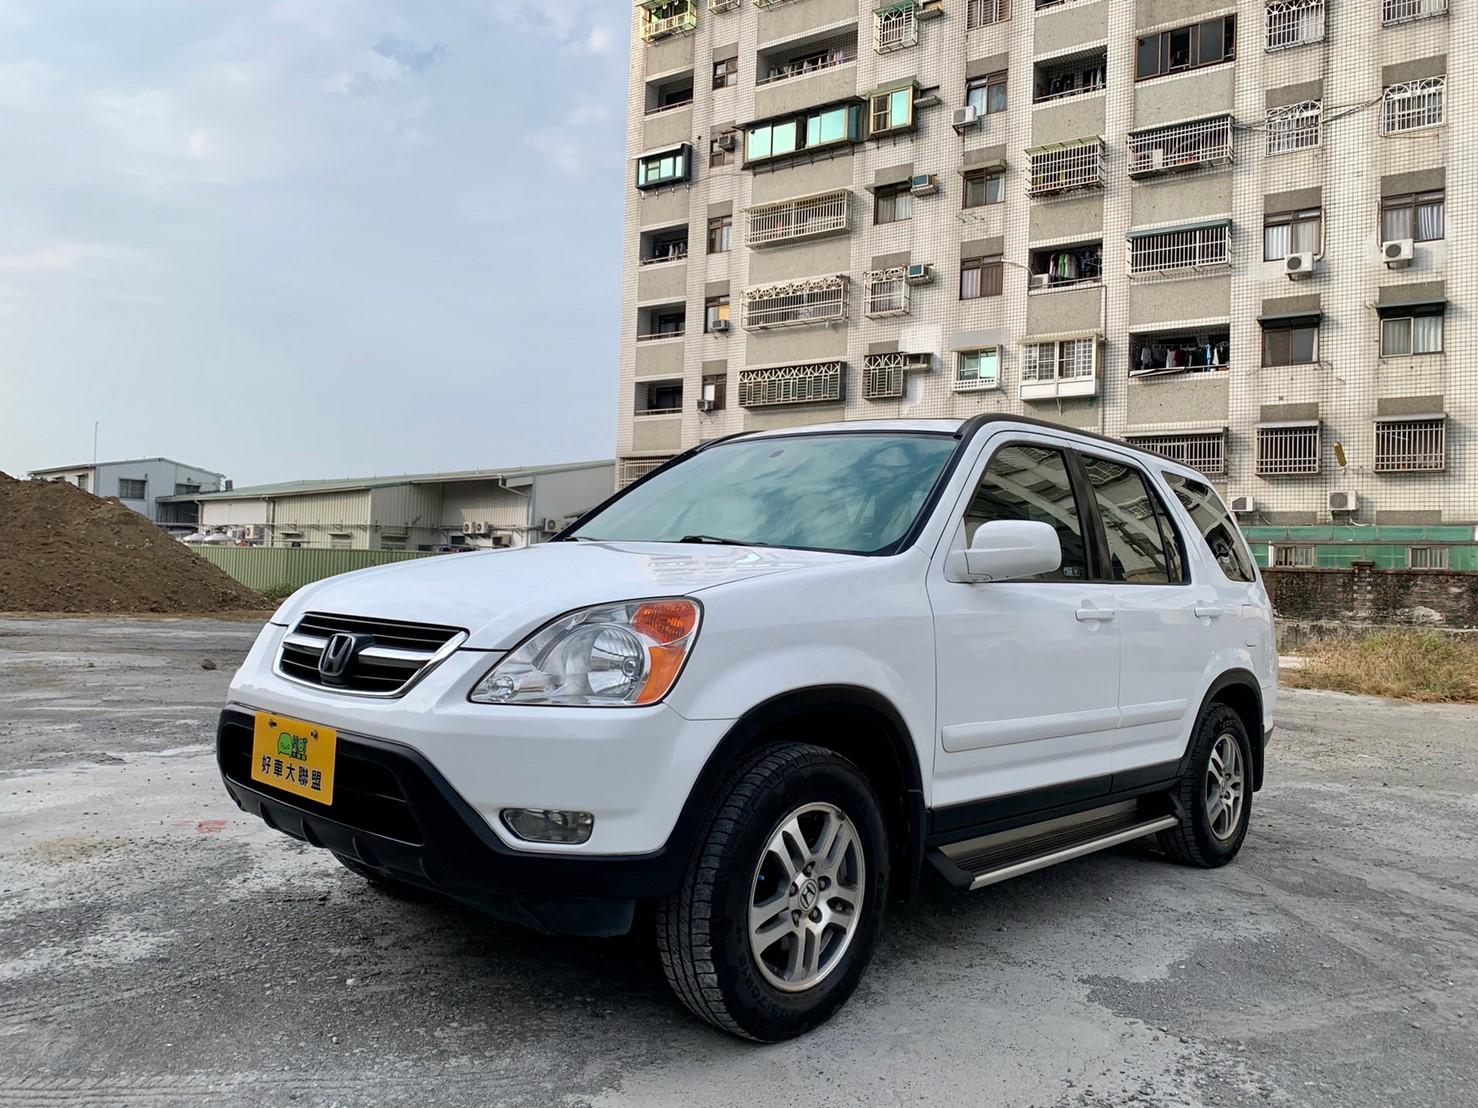 2003 Honda 本田 CR-V